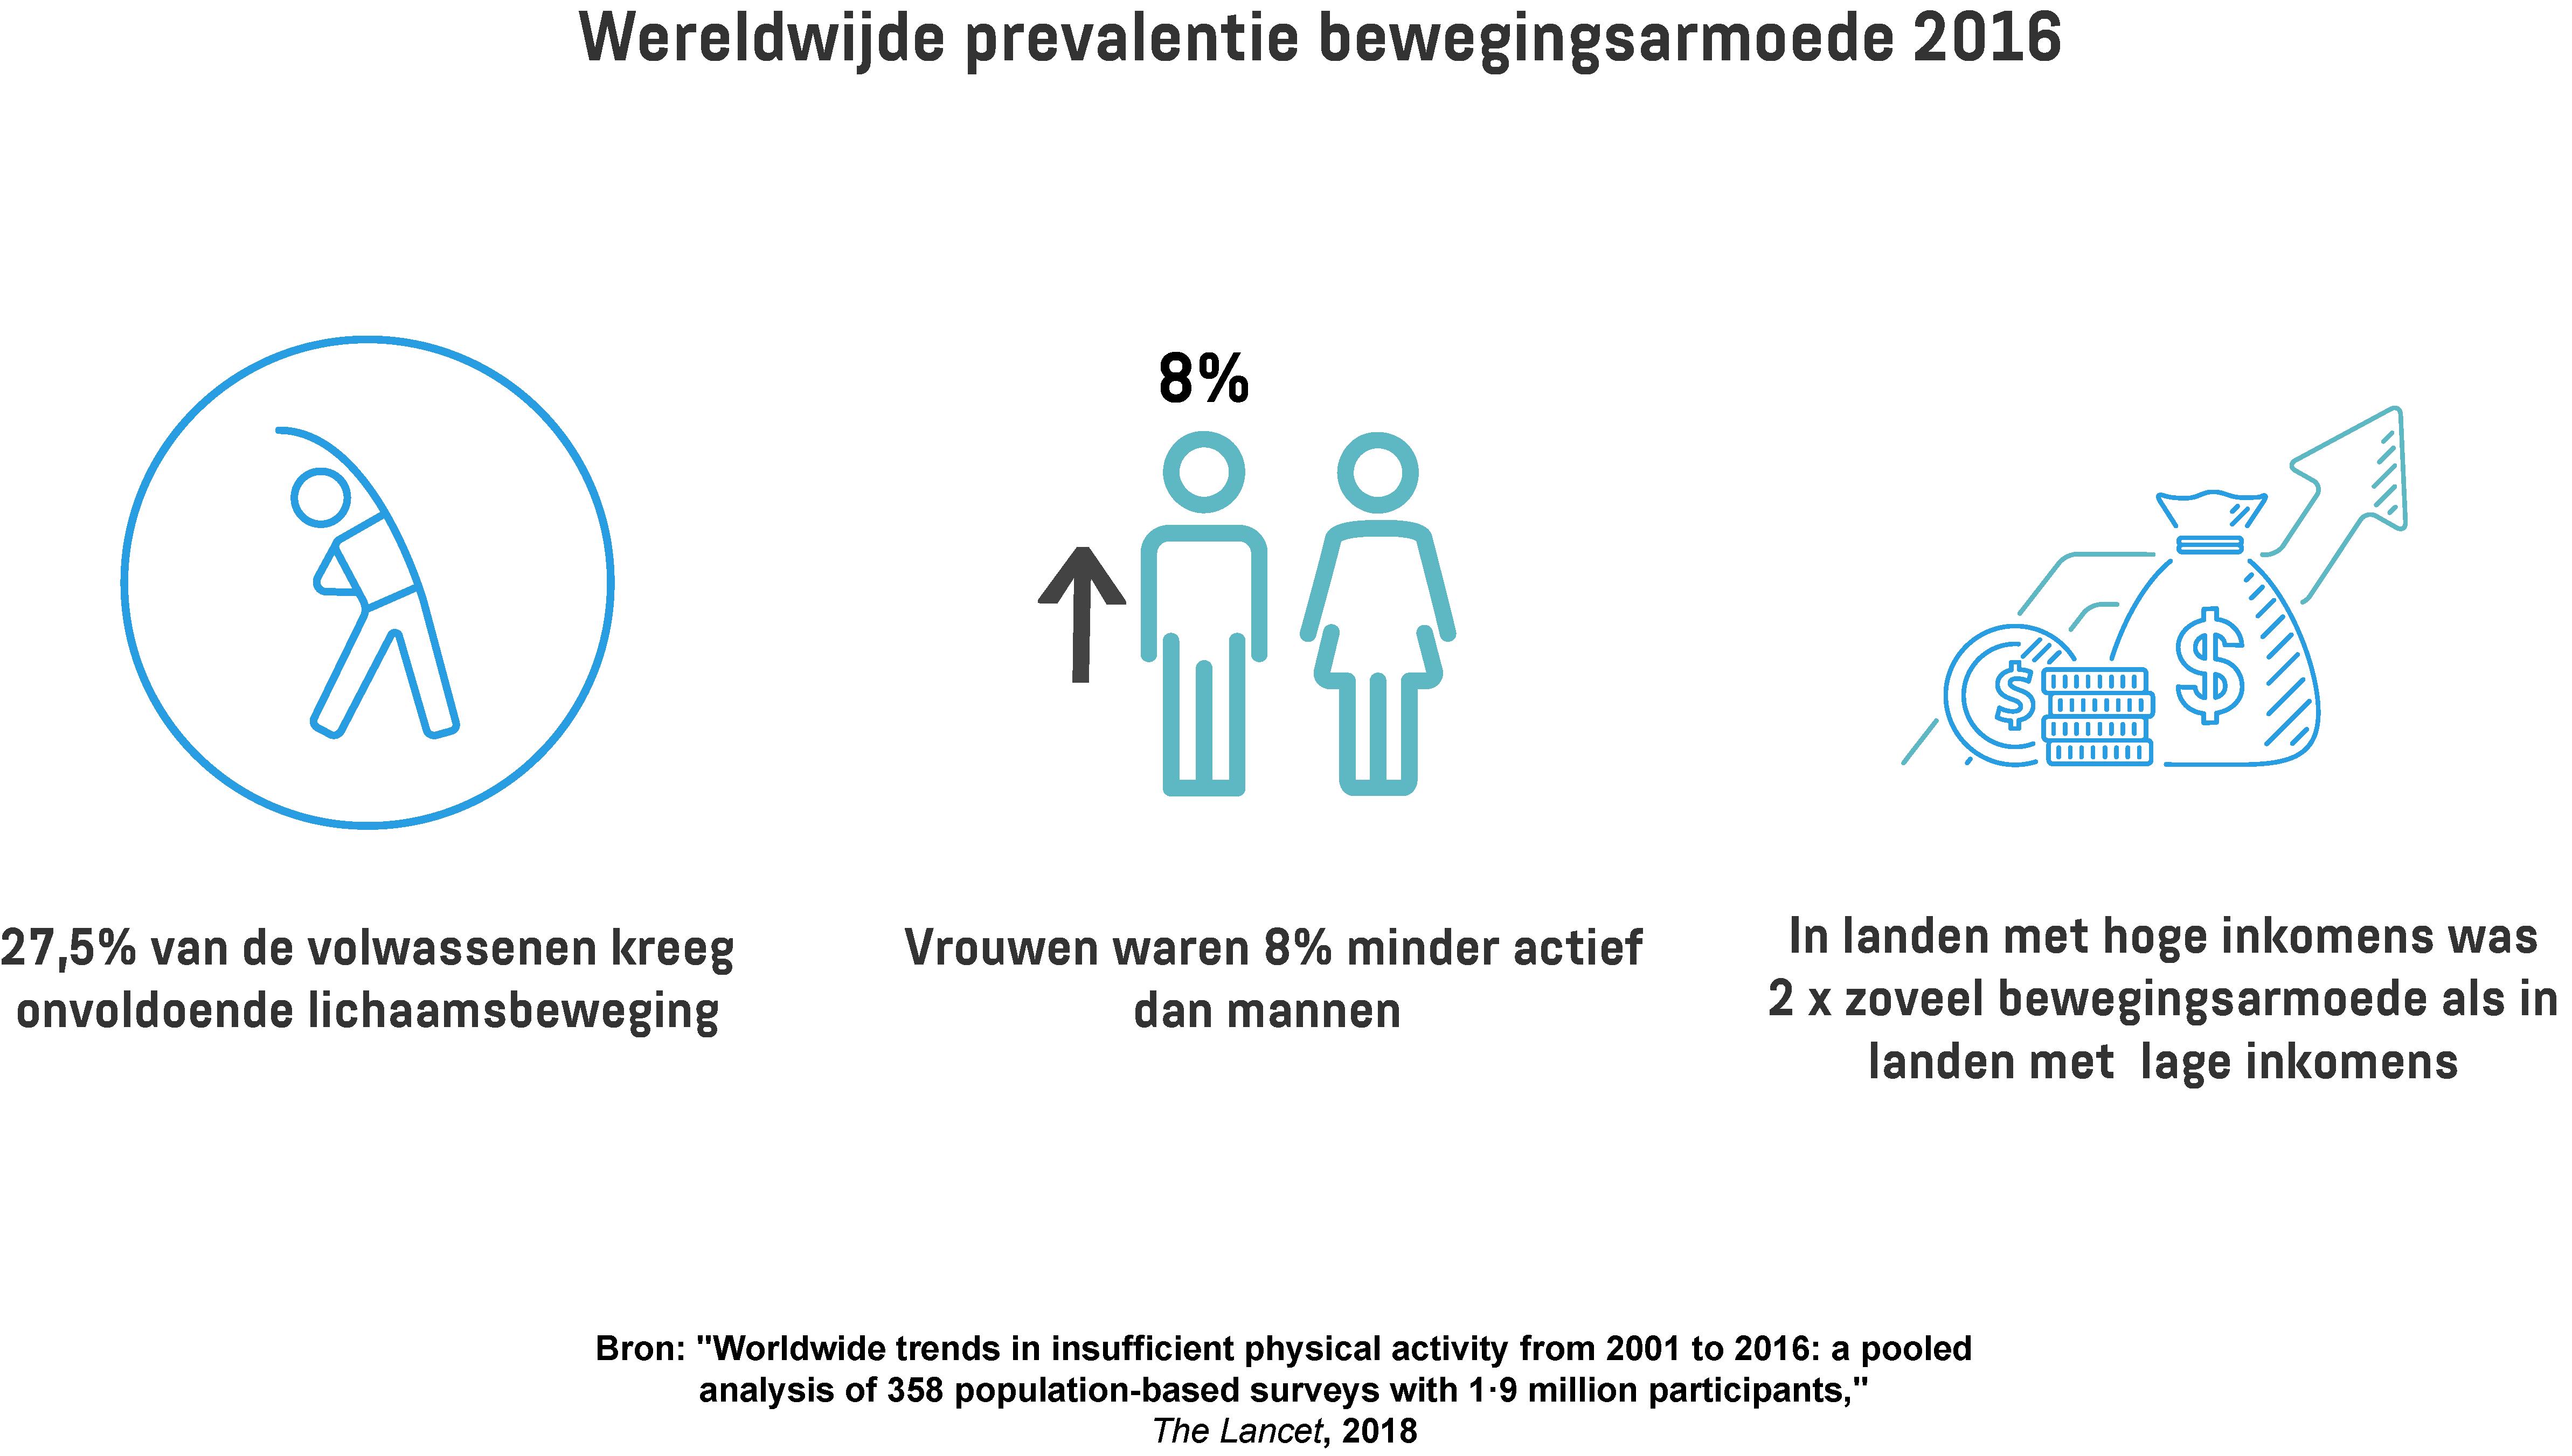 Een infographic met de prevalentie van onvoldoende lichaamsbeweging bij volwassenen, inclusief een vergelijking tussen mannen en vrouwen en landen met een hoge/lage inkomens.